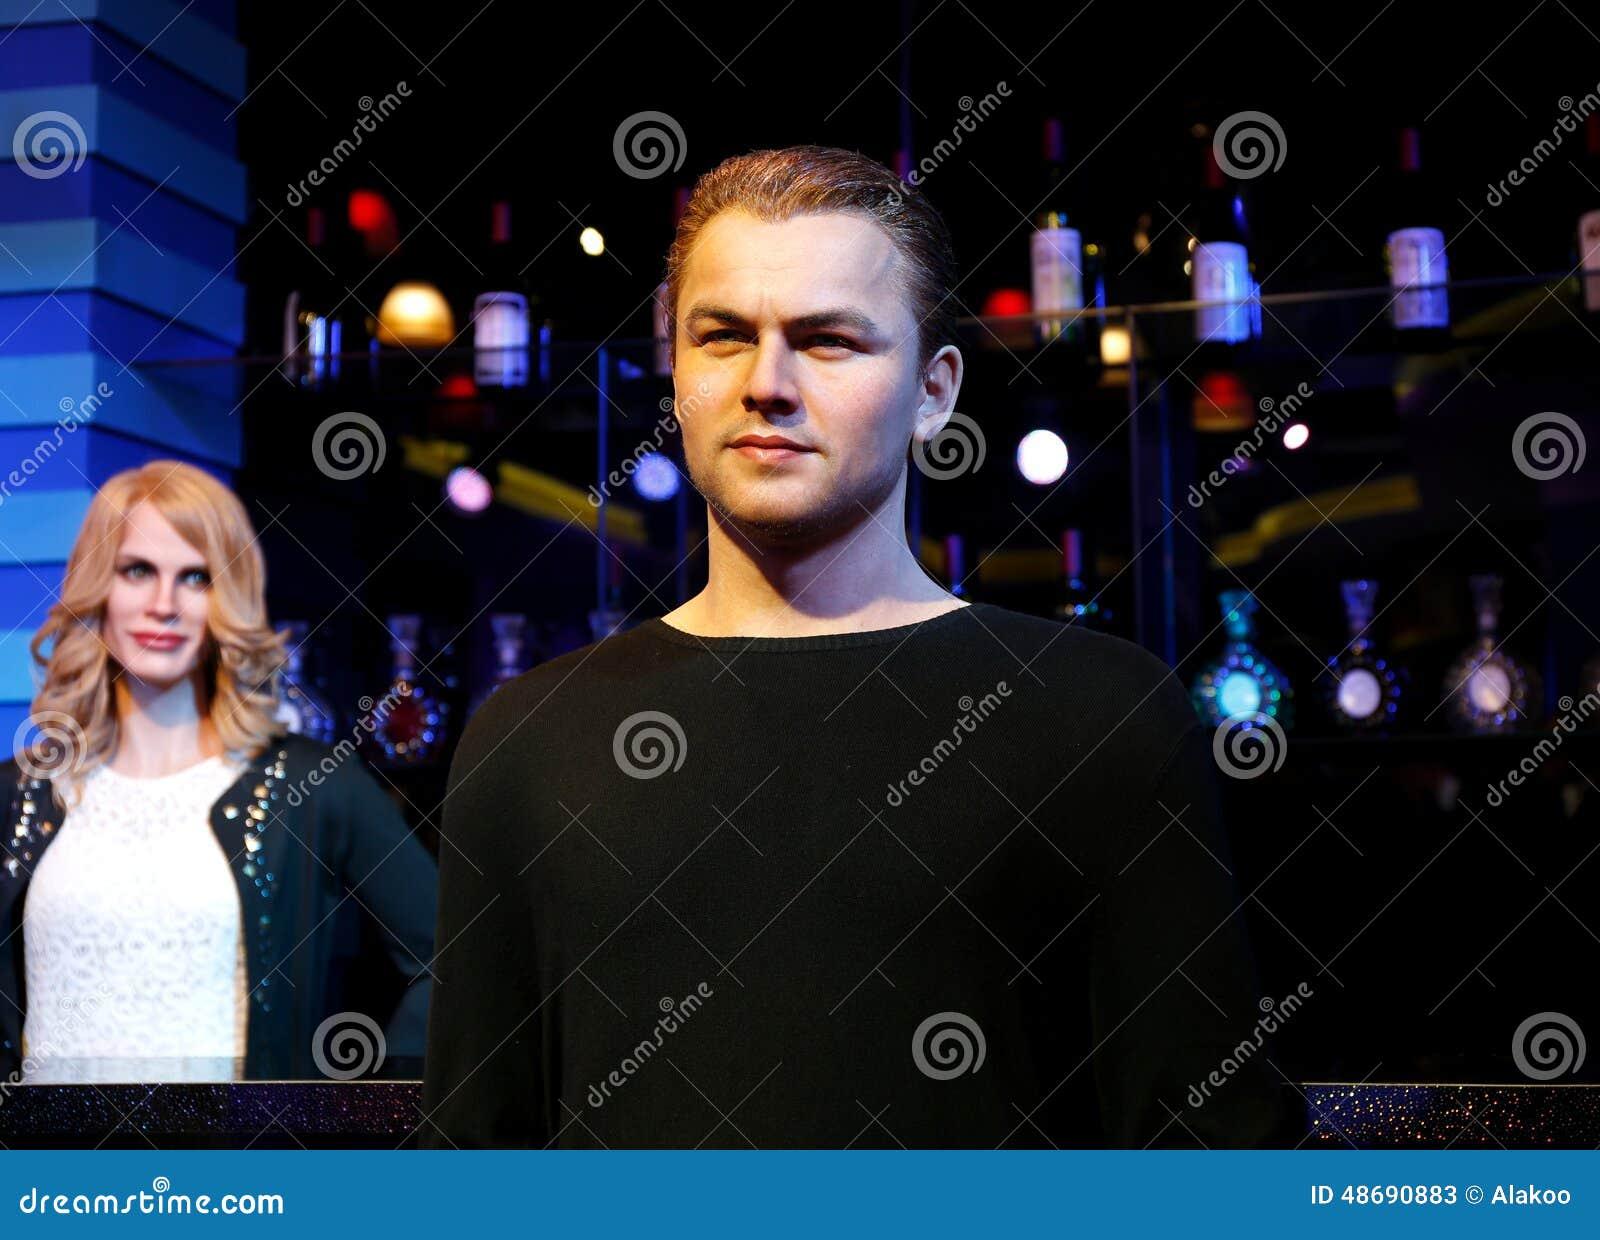 Leonardo DiCaprio, statue de cire, chiffre de cire, figure de cire